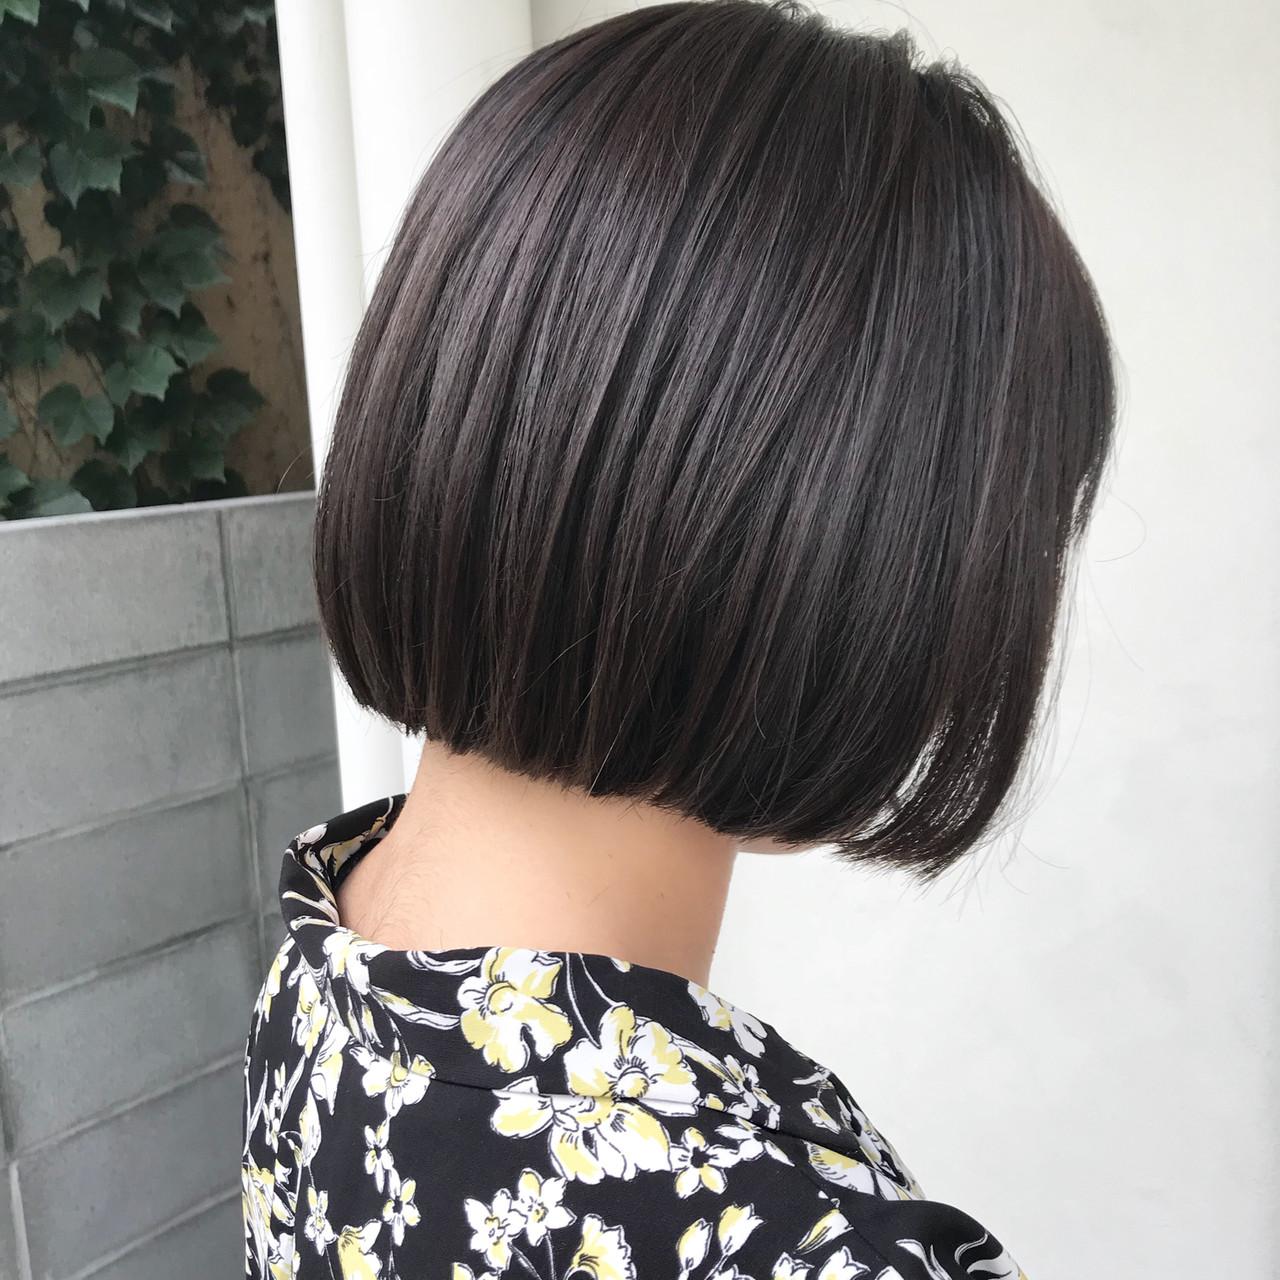 オフィス デート 黒髪 ナチュラル ヘアスタイルや髪型の写真・画像 | 槙山ユースケ/トップスタイリスト / chobii